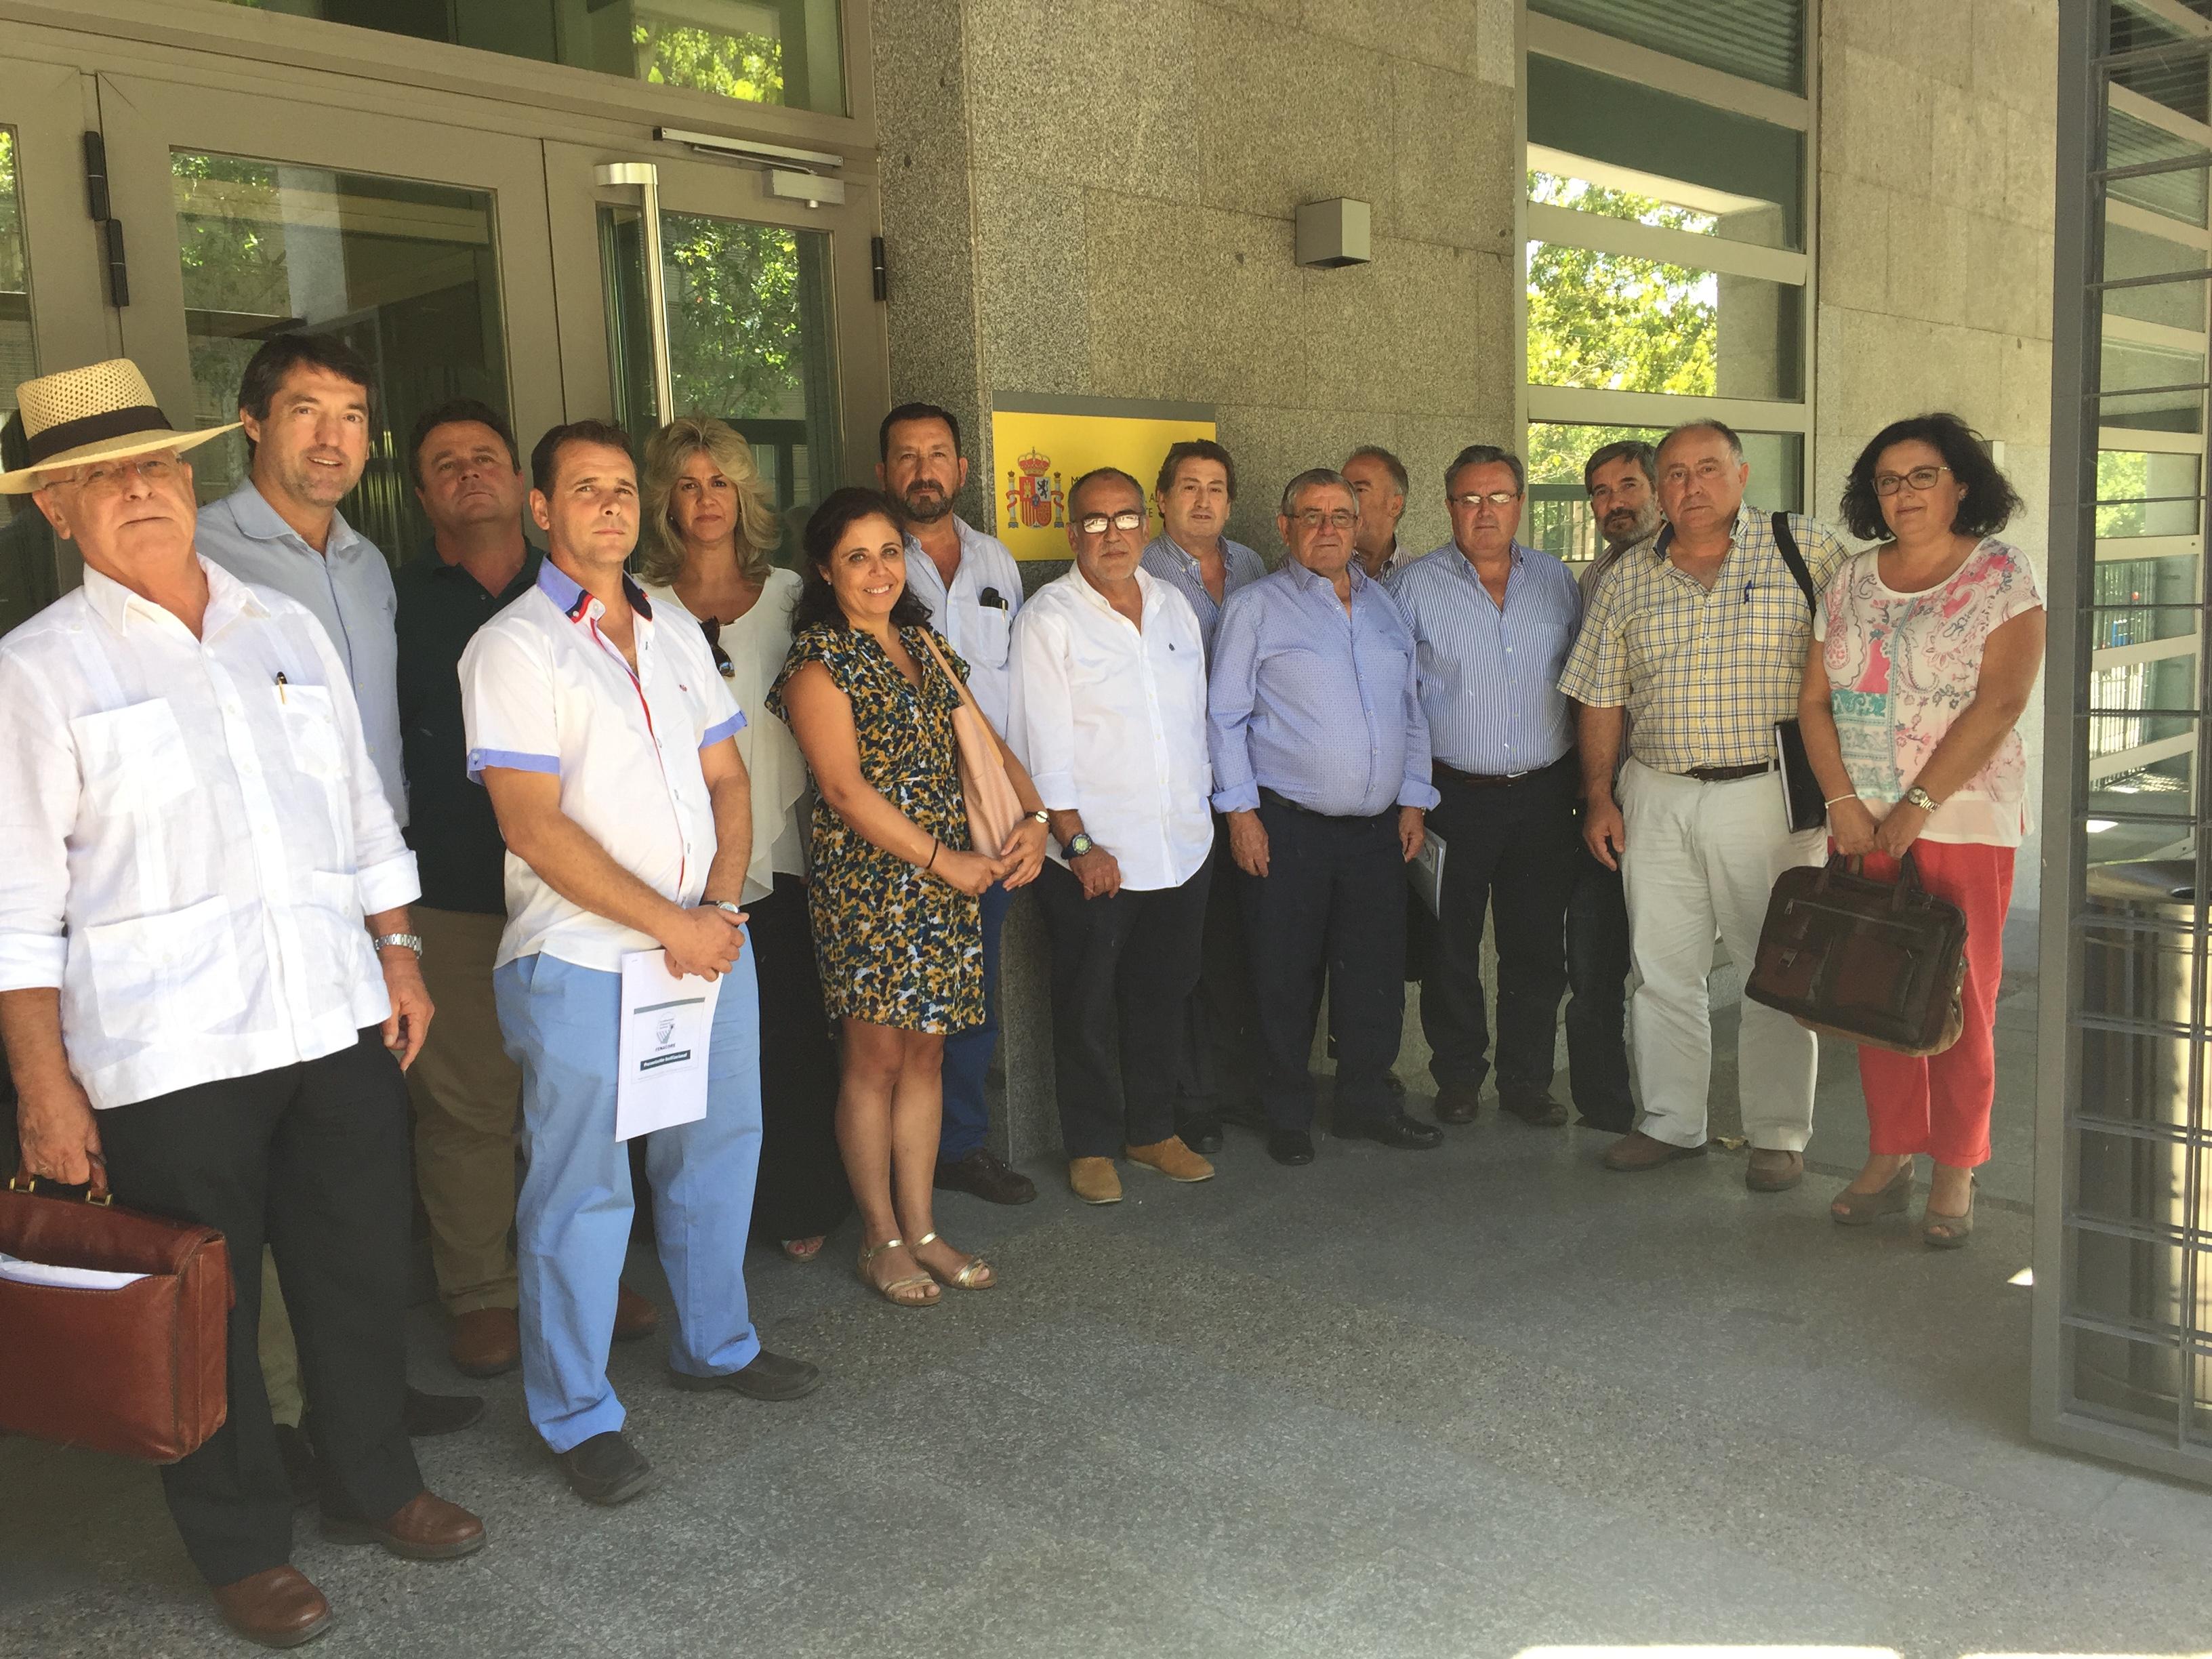 Cuatro comunidades de regantes de Jaén, afectadas: El Ministerio de Agricultura incumple las condiciones de financiación pactadas para la modernización de once comunidades de regantes de Andalucía y Murcia